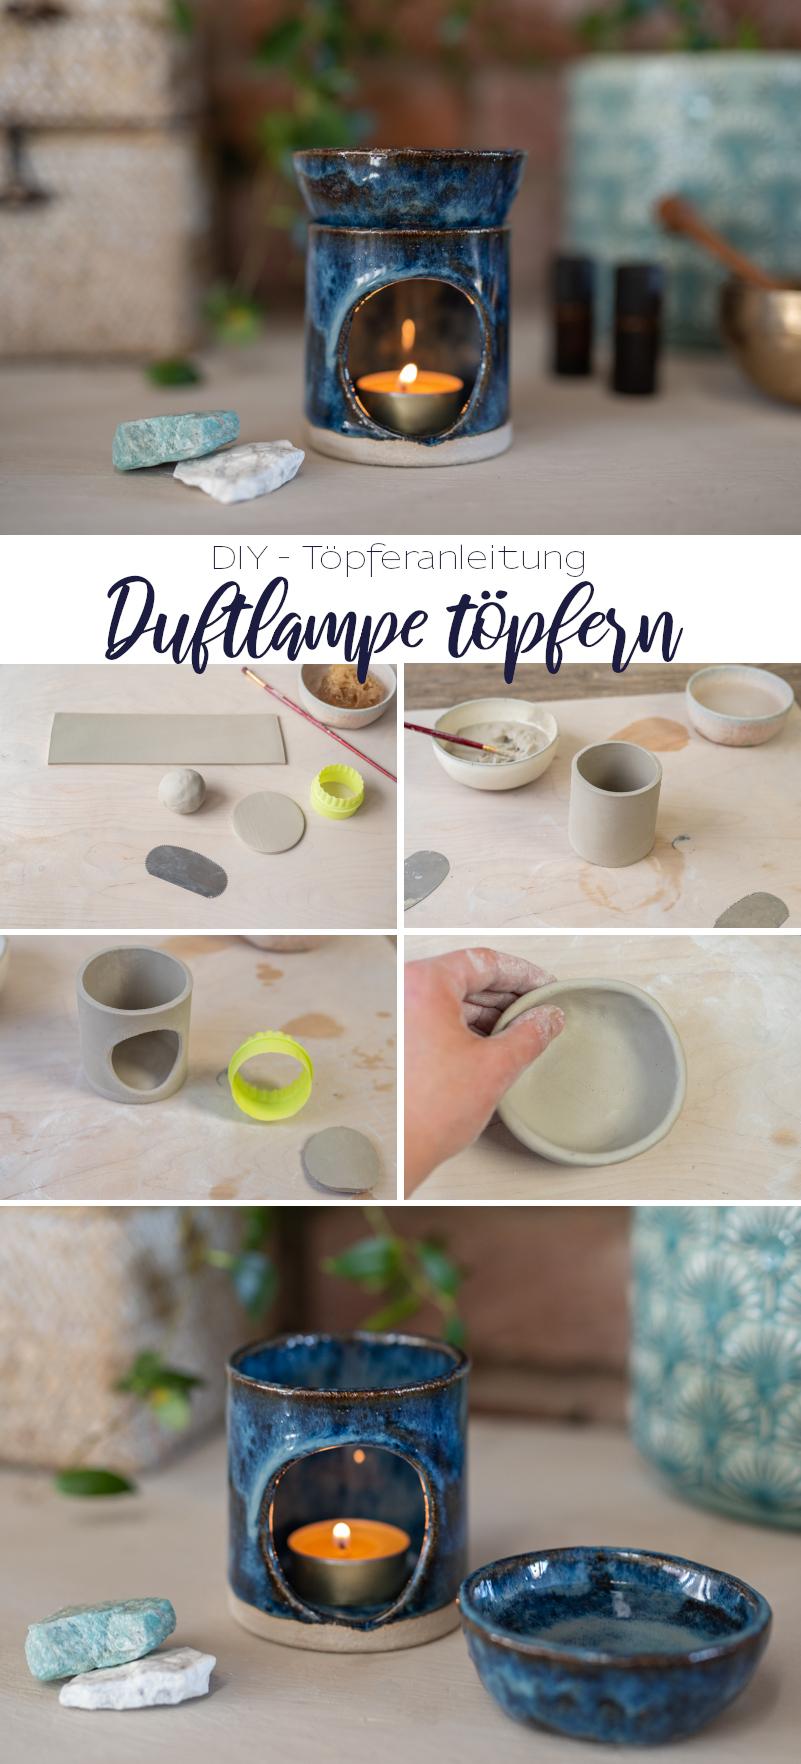 Töpfer Anleitung für eine handgetöpferte Duftlampe für ätherische Öle ohne Töpferscheibe aus Keramik